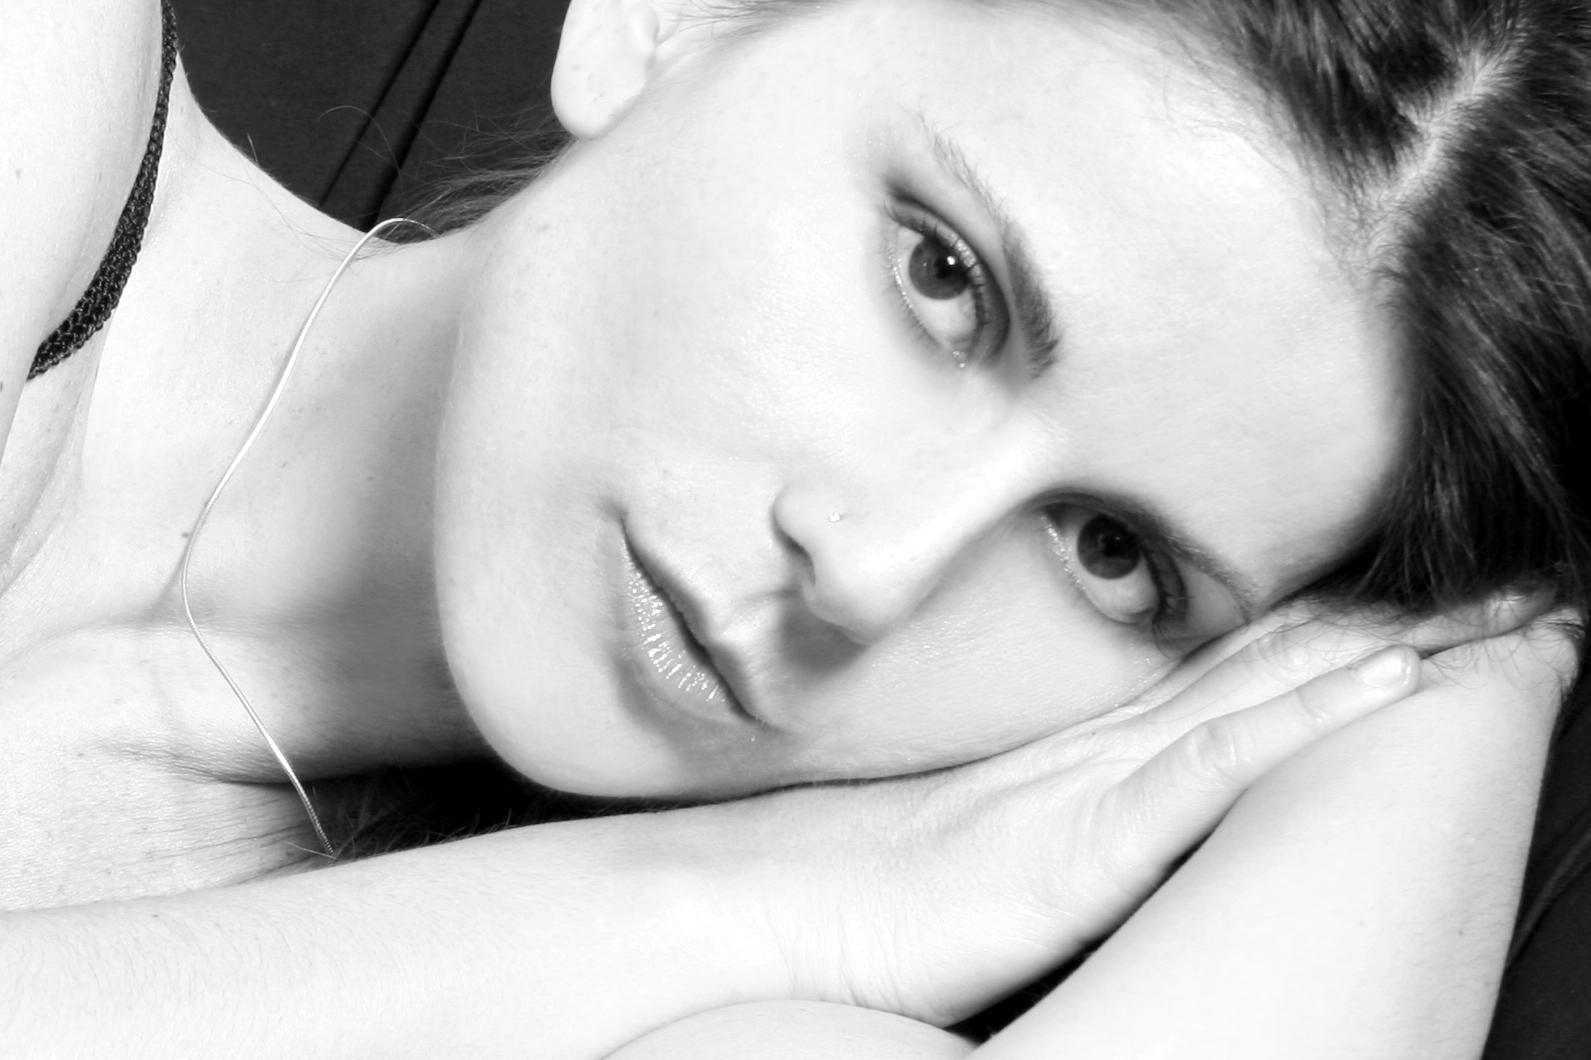 Stefania tallini con la mia musica voglio trasmettere for Voglio progettare la mia casa online